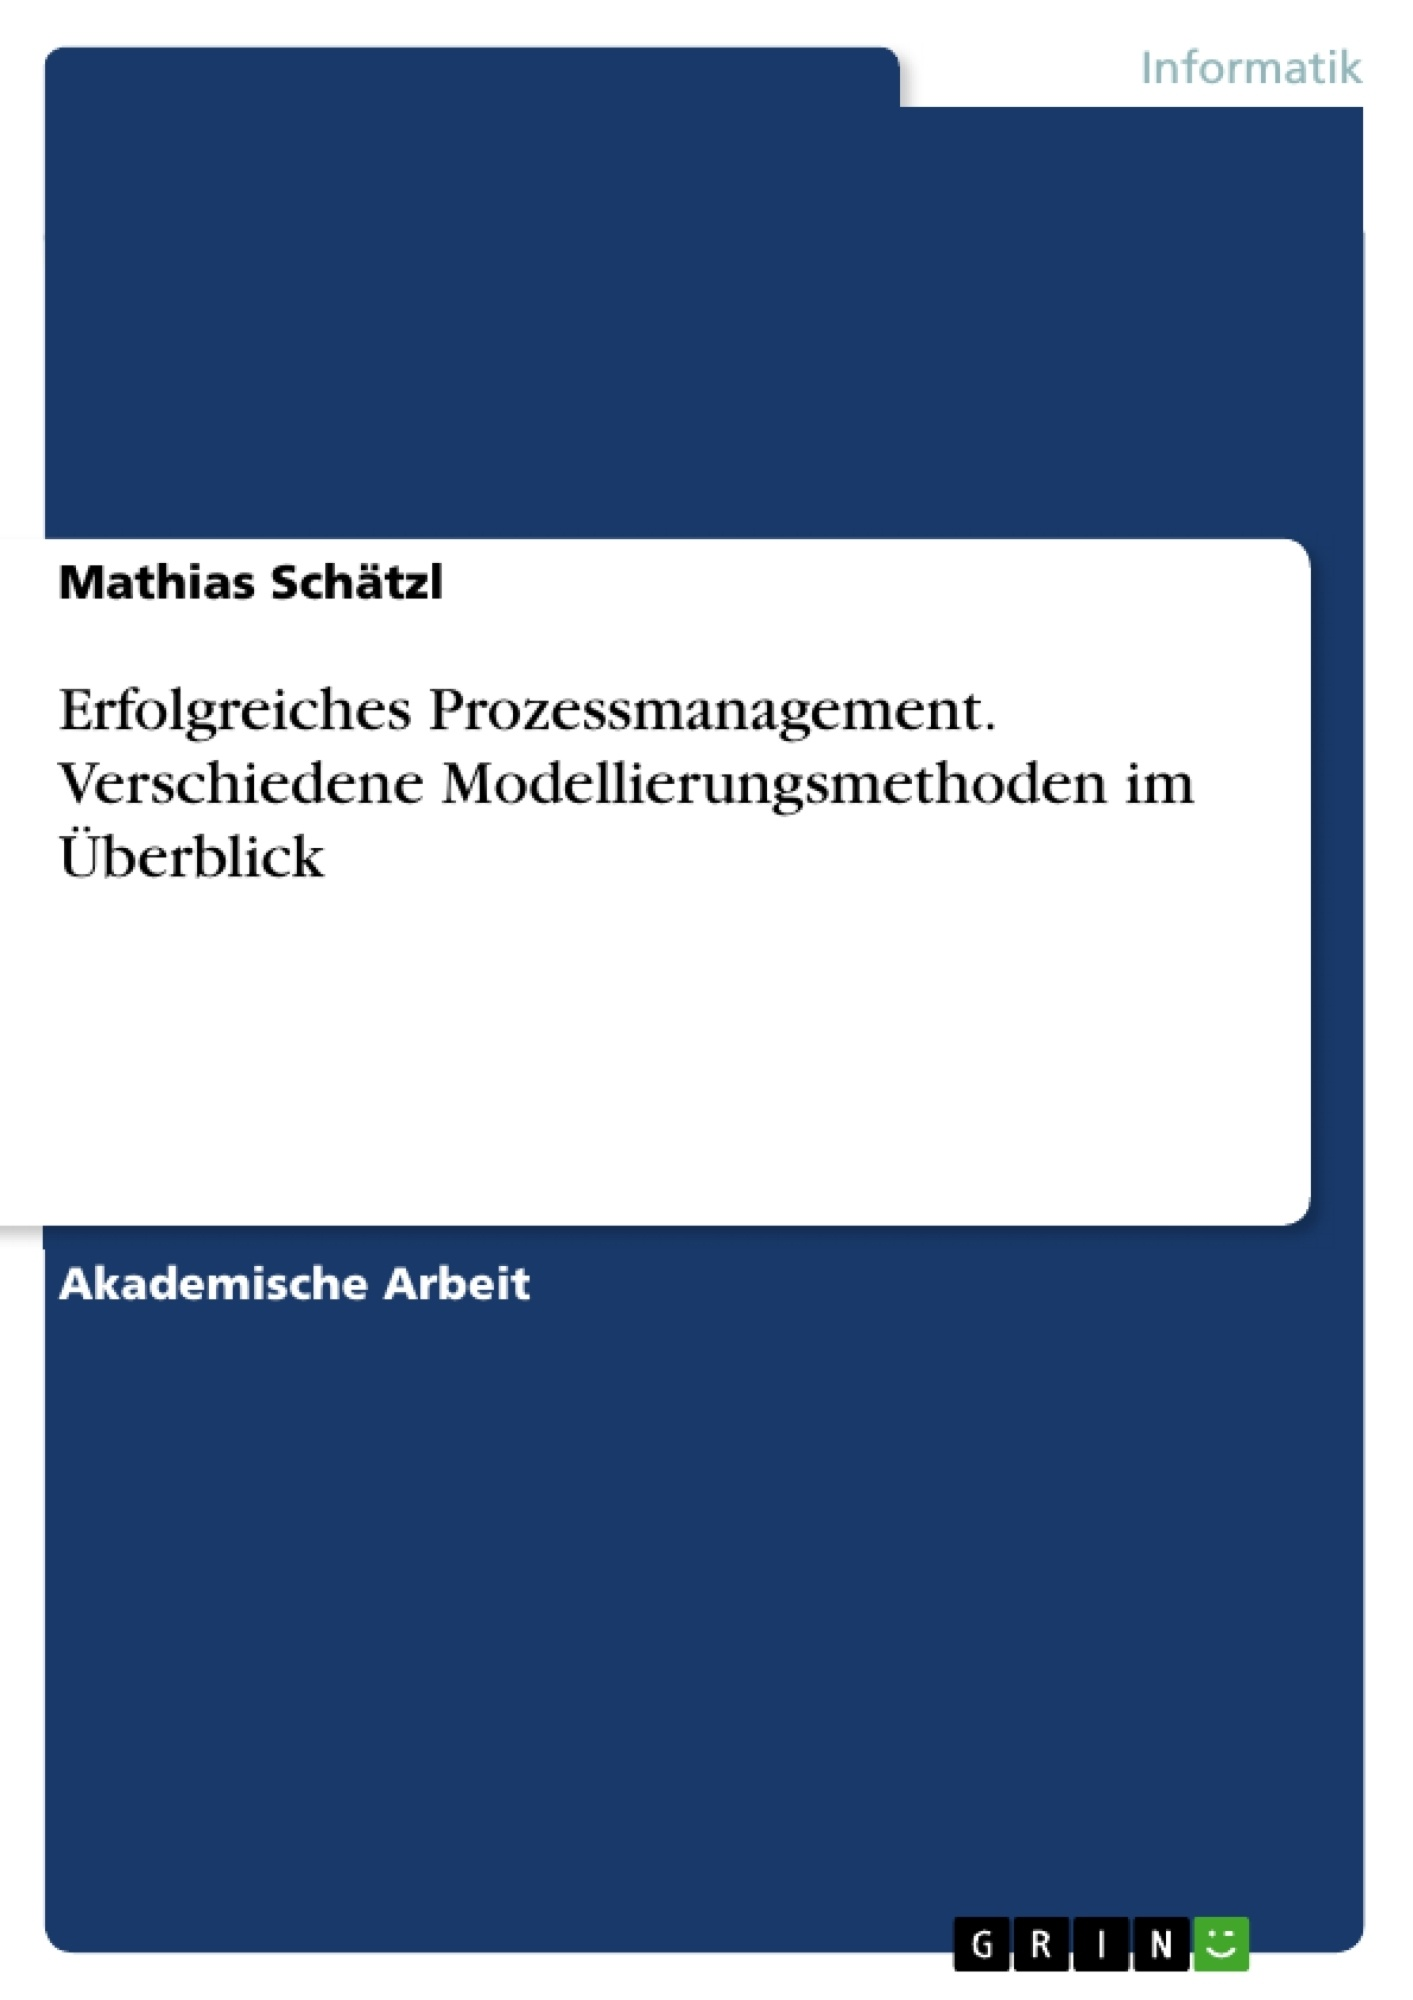 Titel: Erfolgreiches Prozessmanagement. Verschiedene Modellierungsmethoden im Überblick